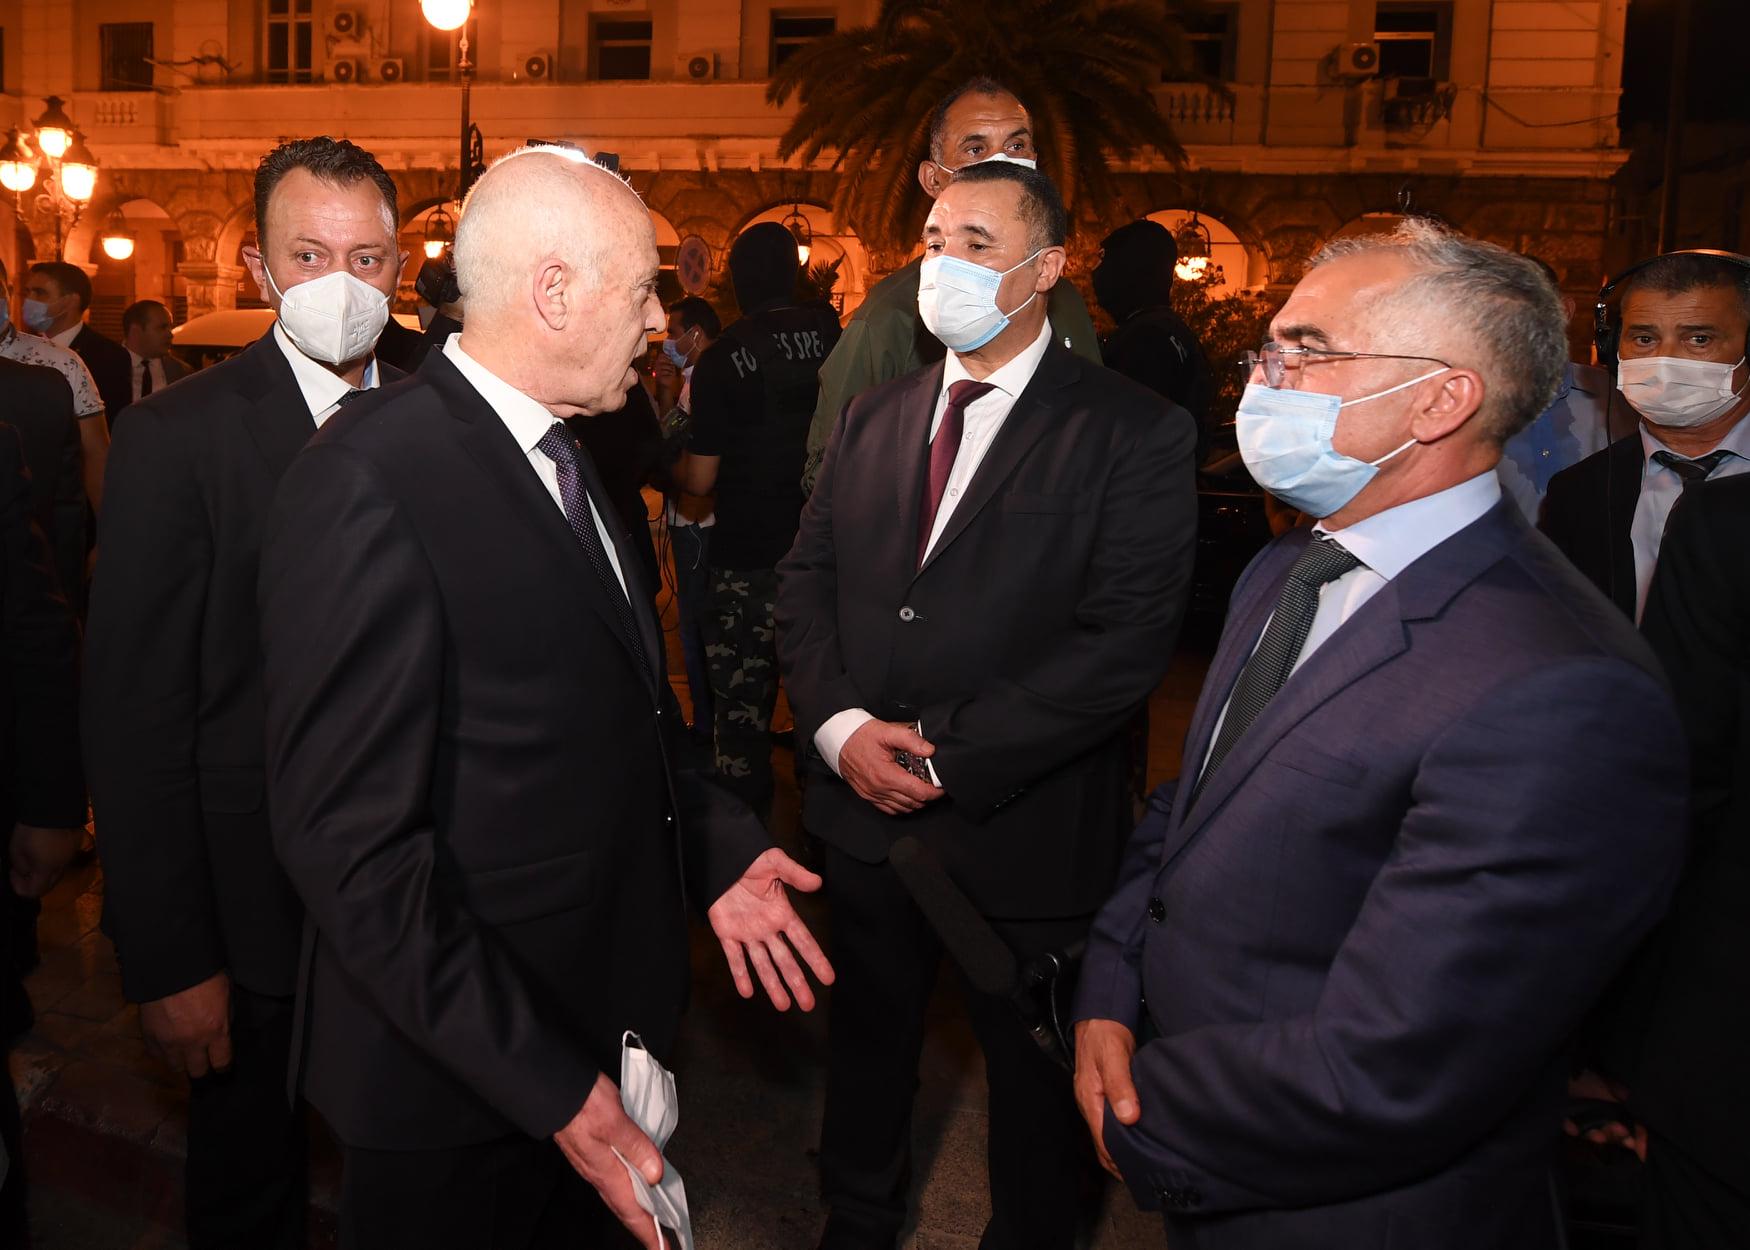 الرئيس التونسي قيس سعيد يقوم بجولة تفقدية في شارع الحبيب بورقيبة